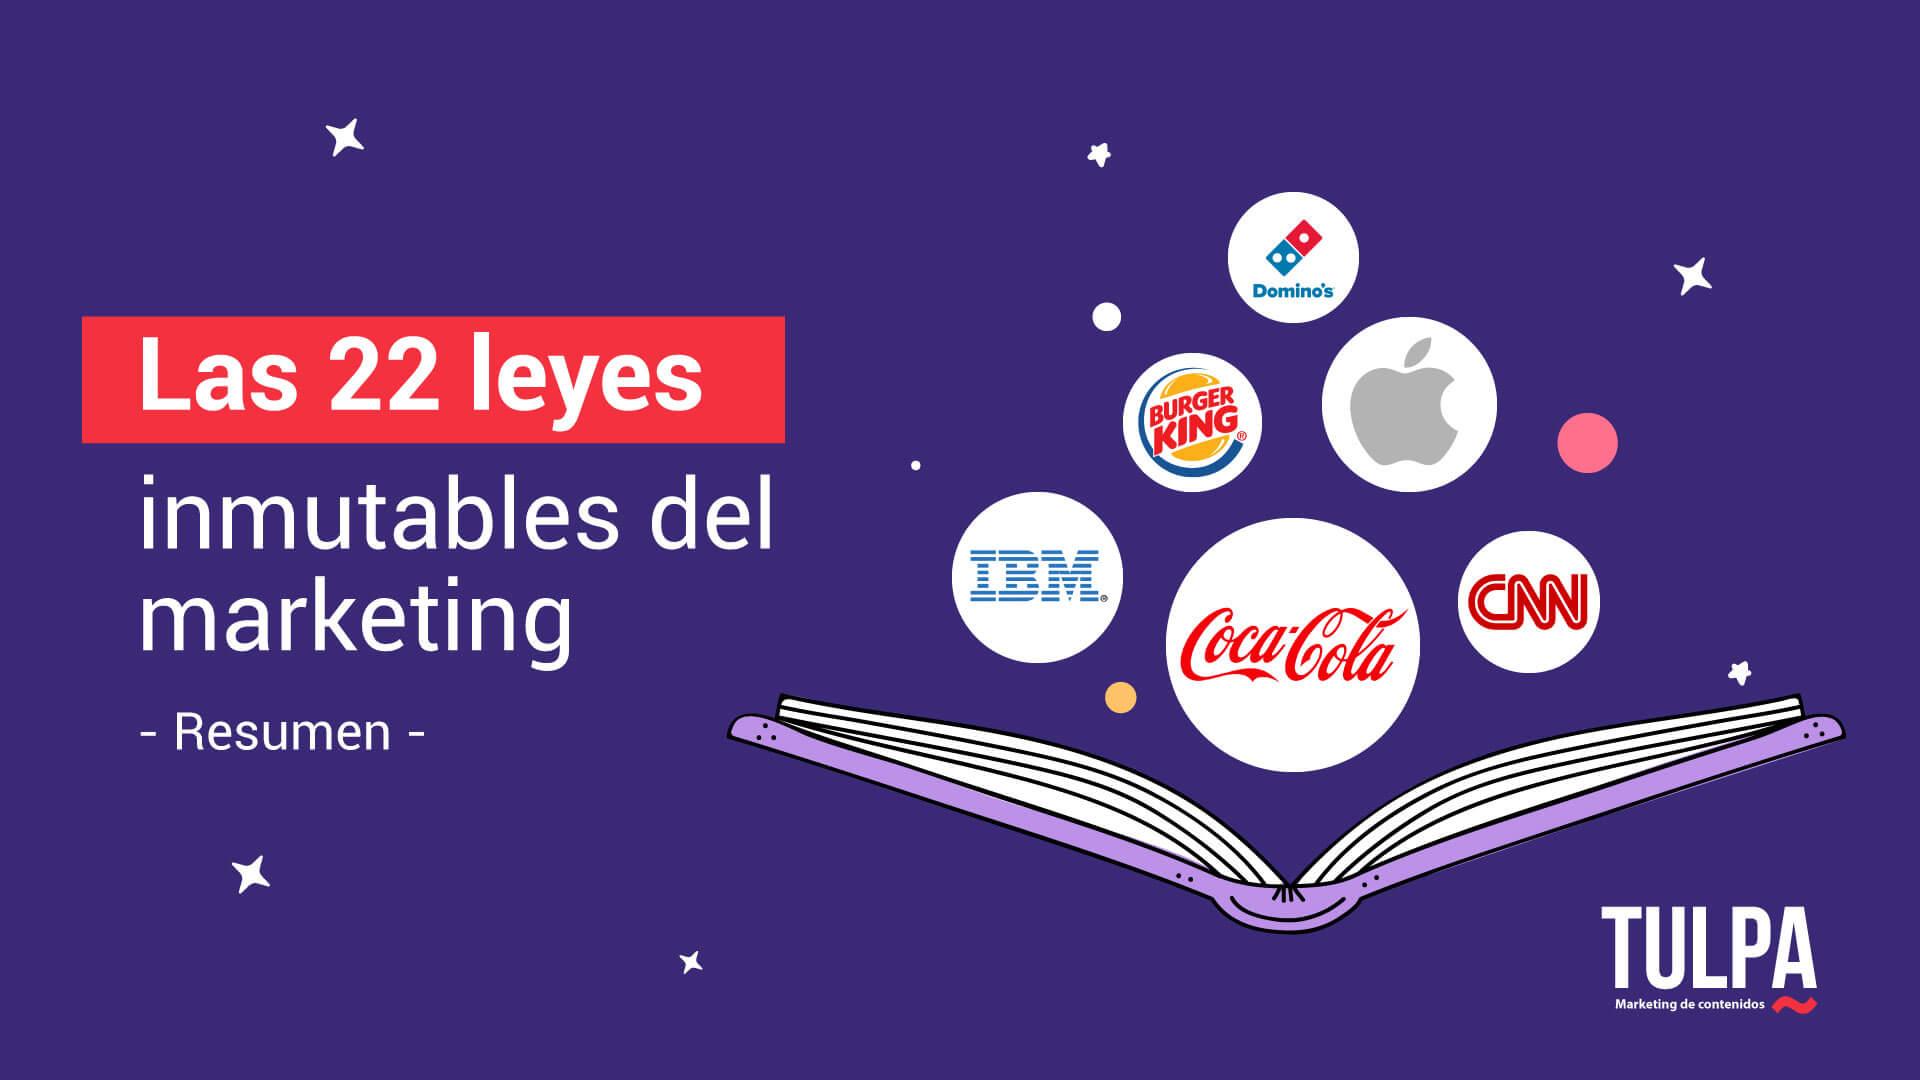 Las 22 leyes inmutables del marketing.